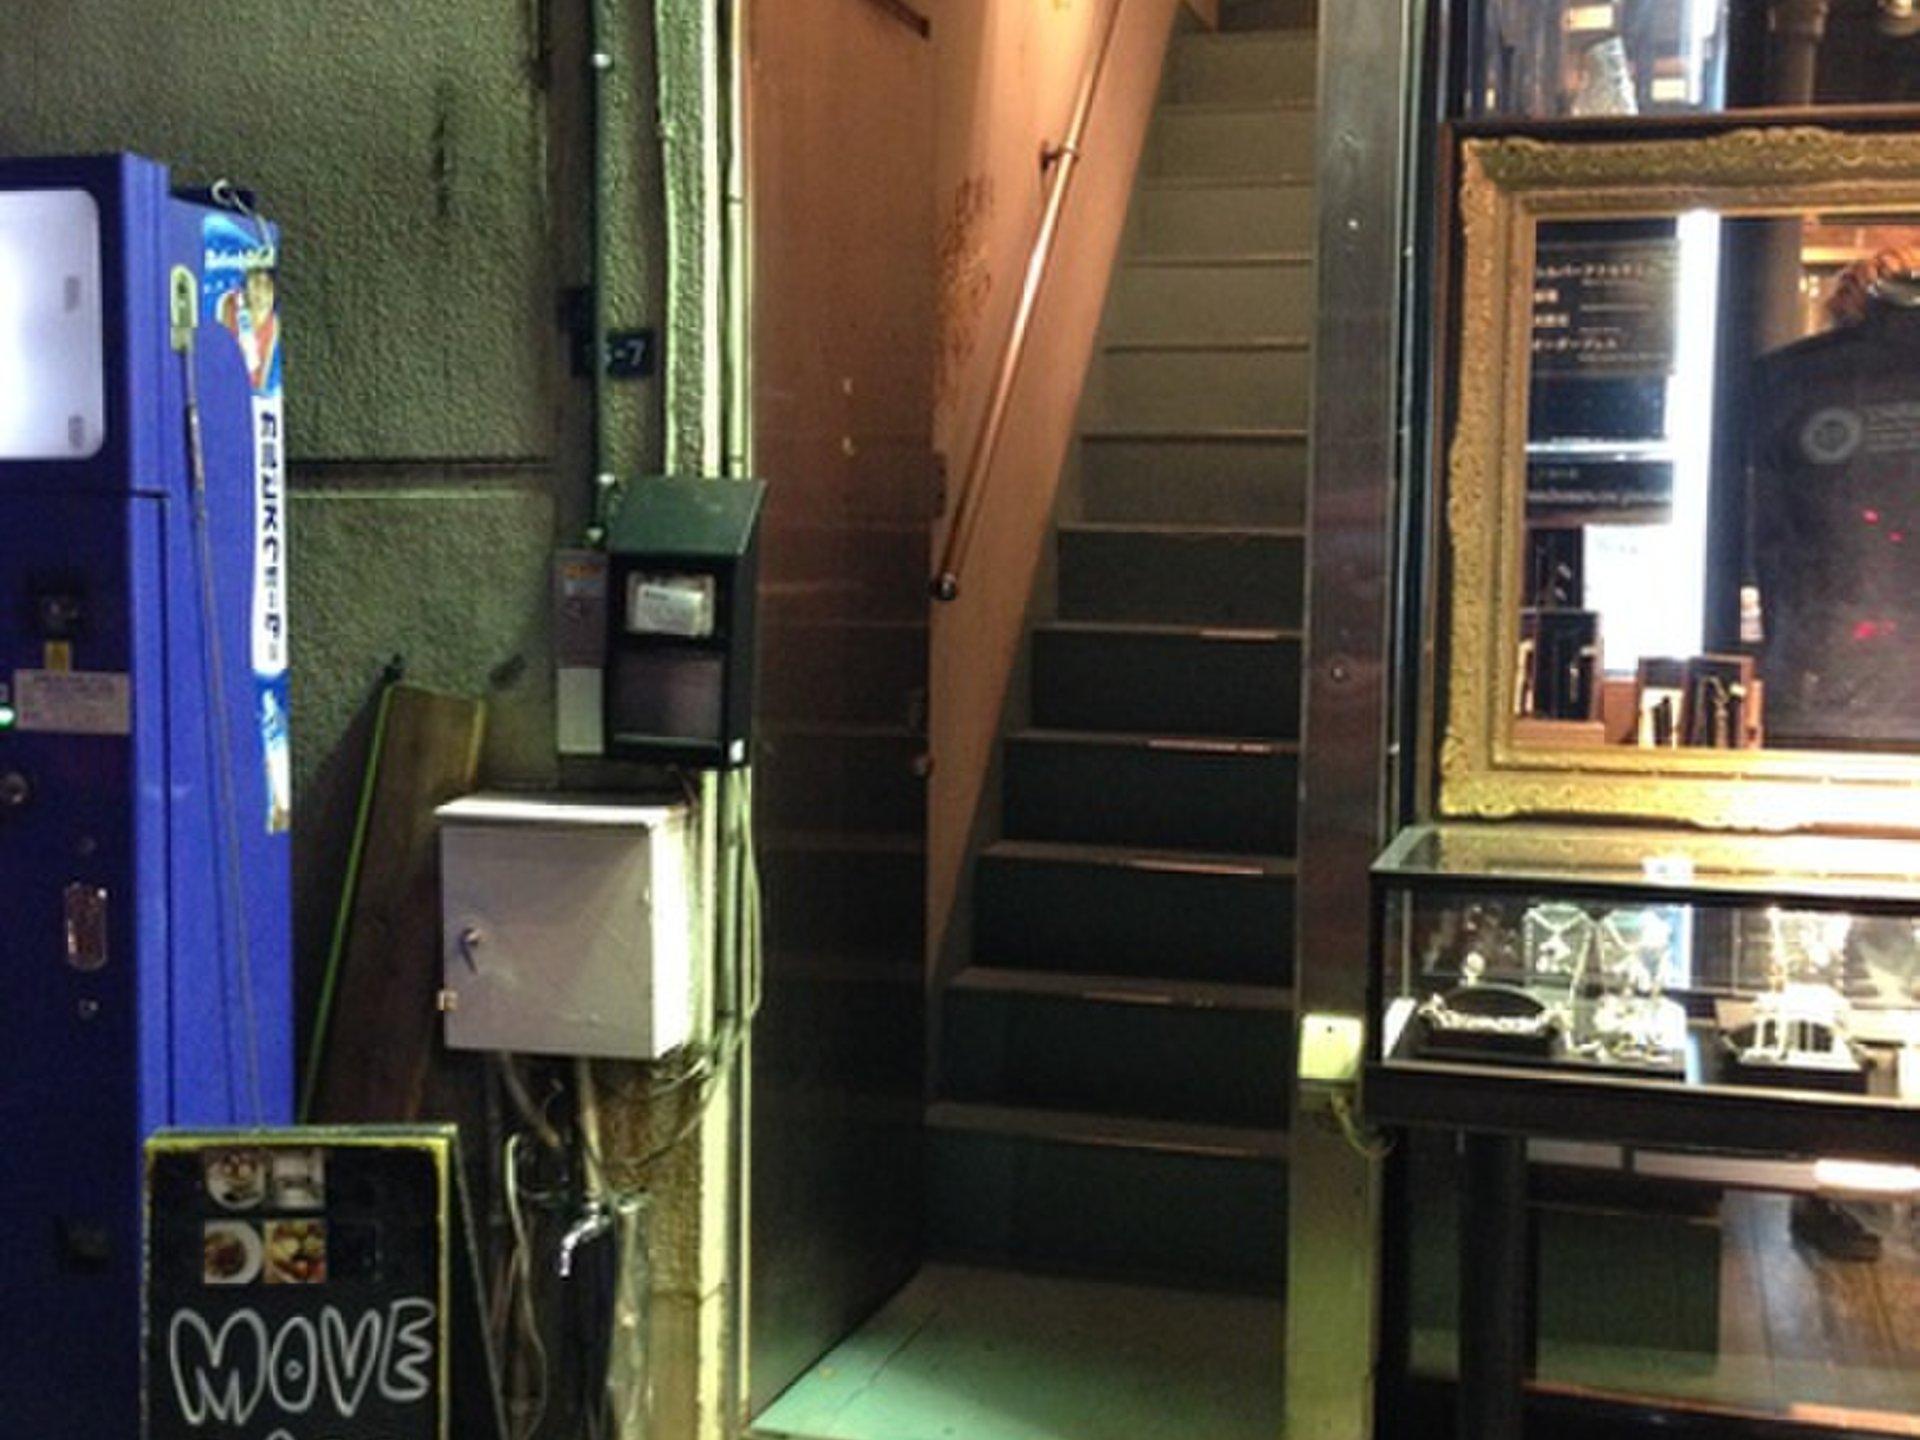 新宿の個室があるディナーデートスポット3選【ソファ席やカップルシートあり】